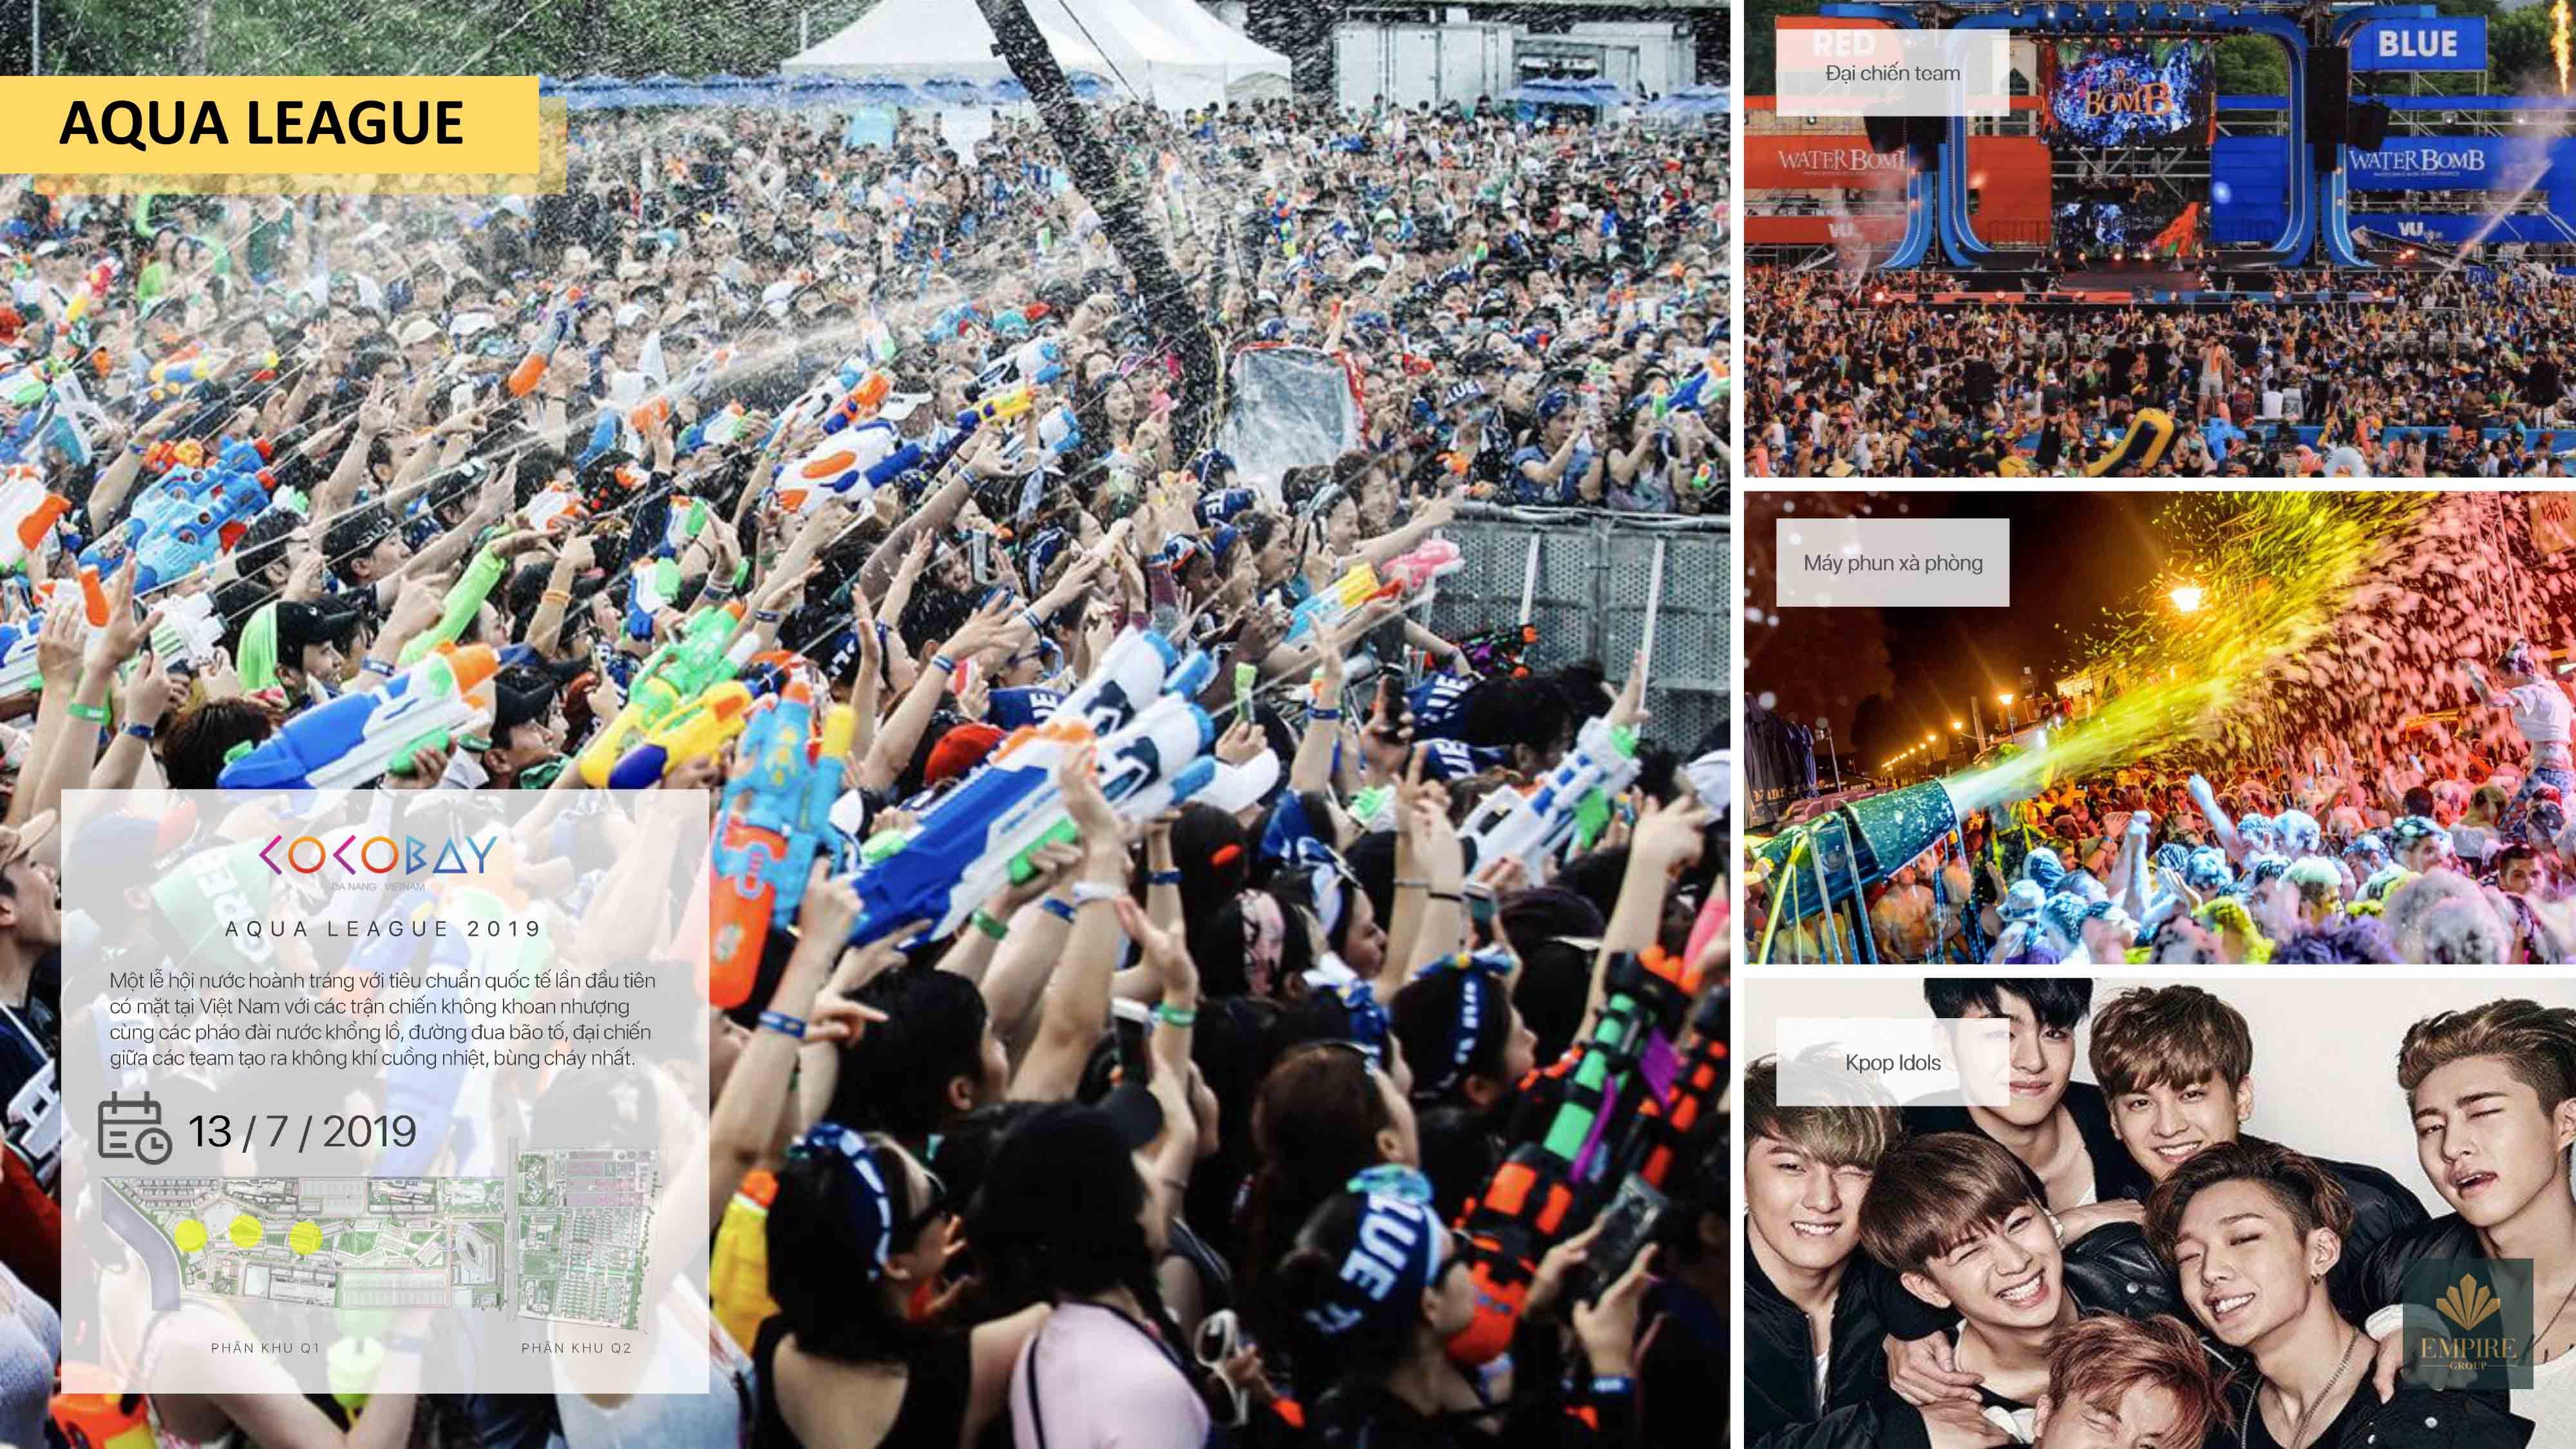 Lễ hội nước hoành tráng lần đầu tiên xuất hiện tại Việt Nam